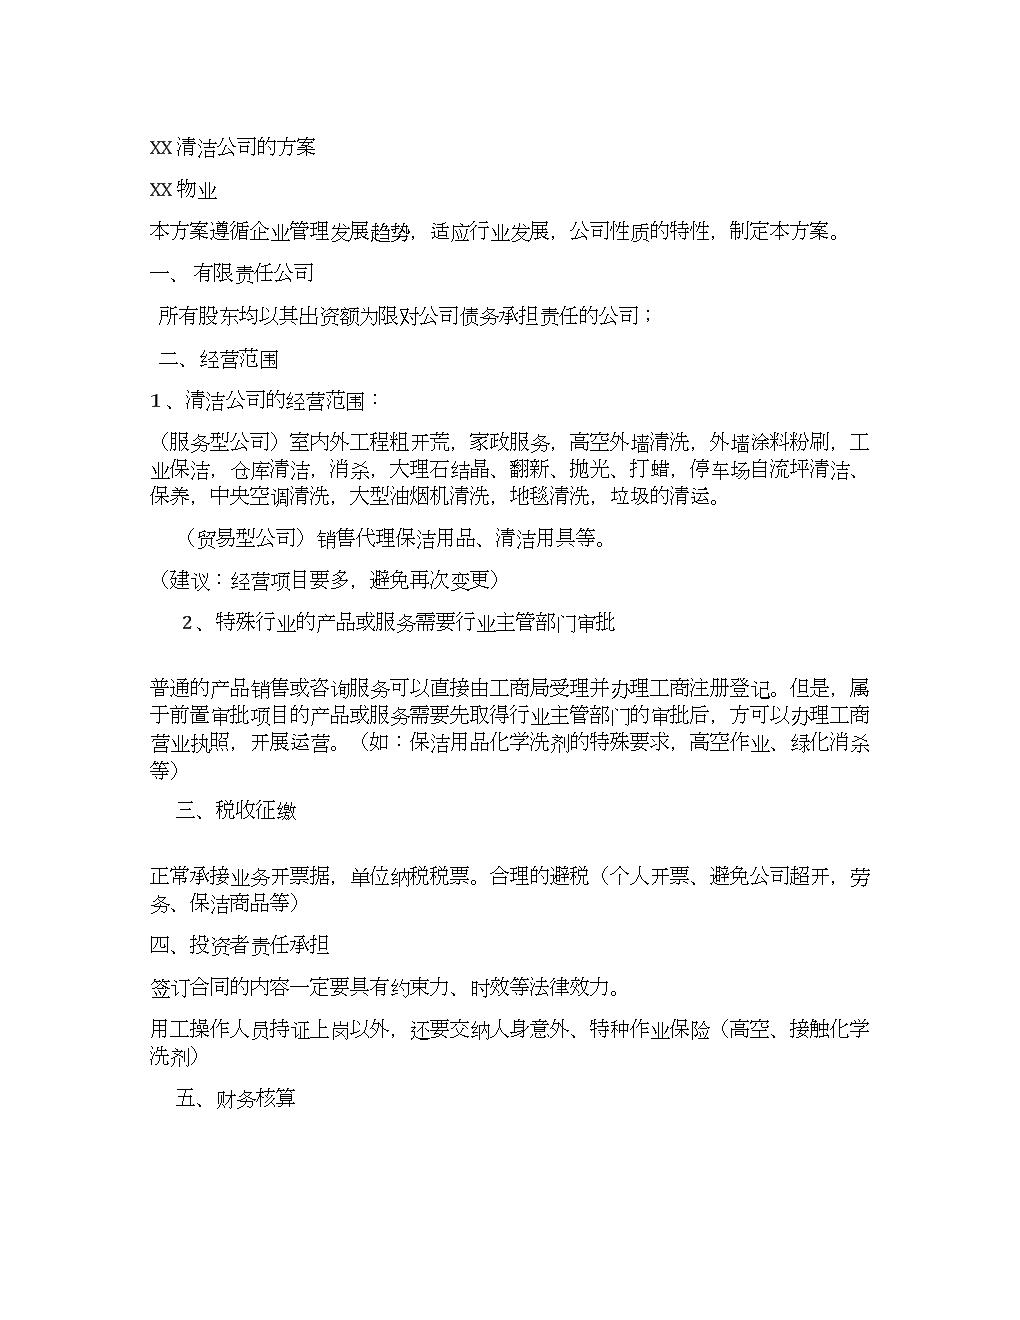 保洁公司管理方案.docx